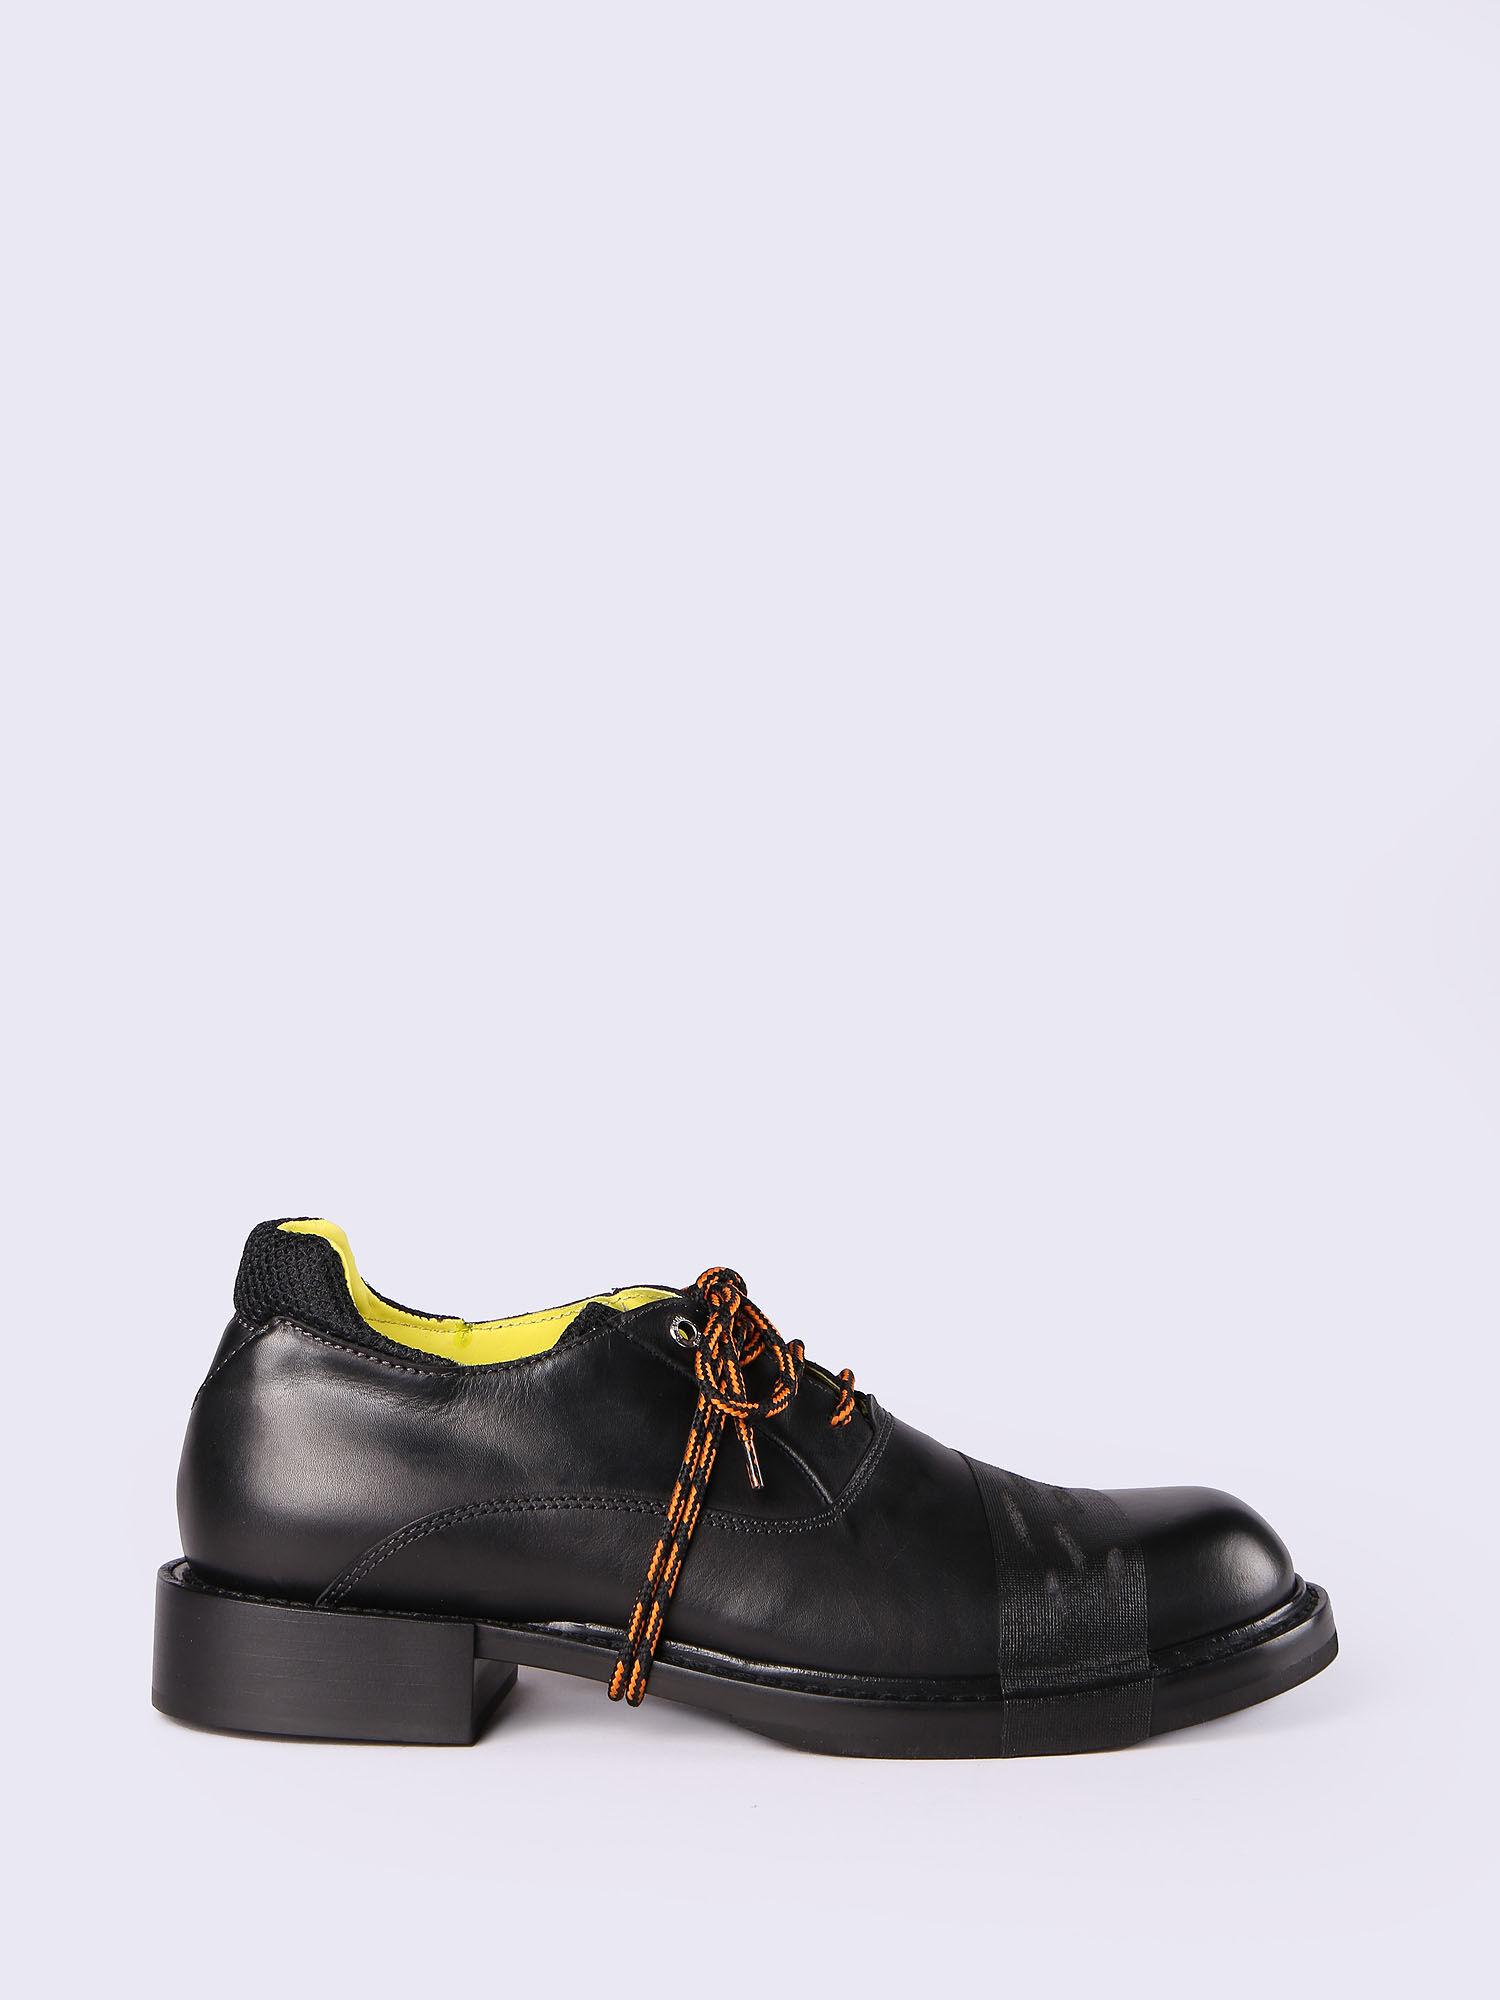 Diesel Leather/Suede Sneakers Motostep Brown EU41 BouWHn